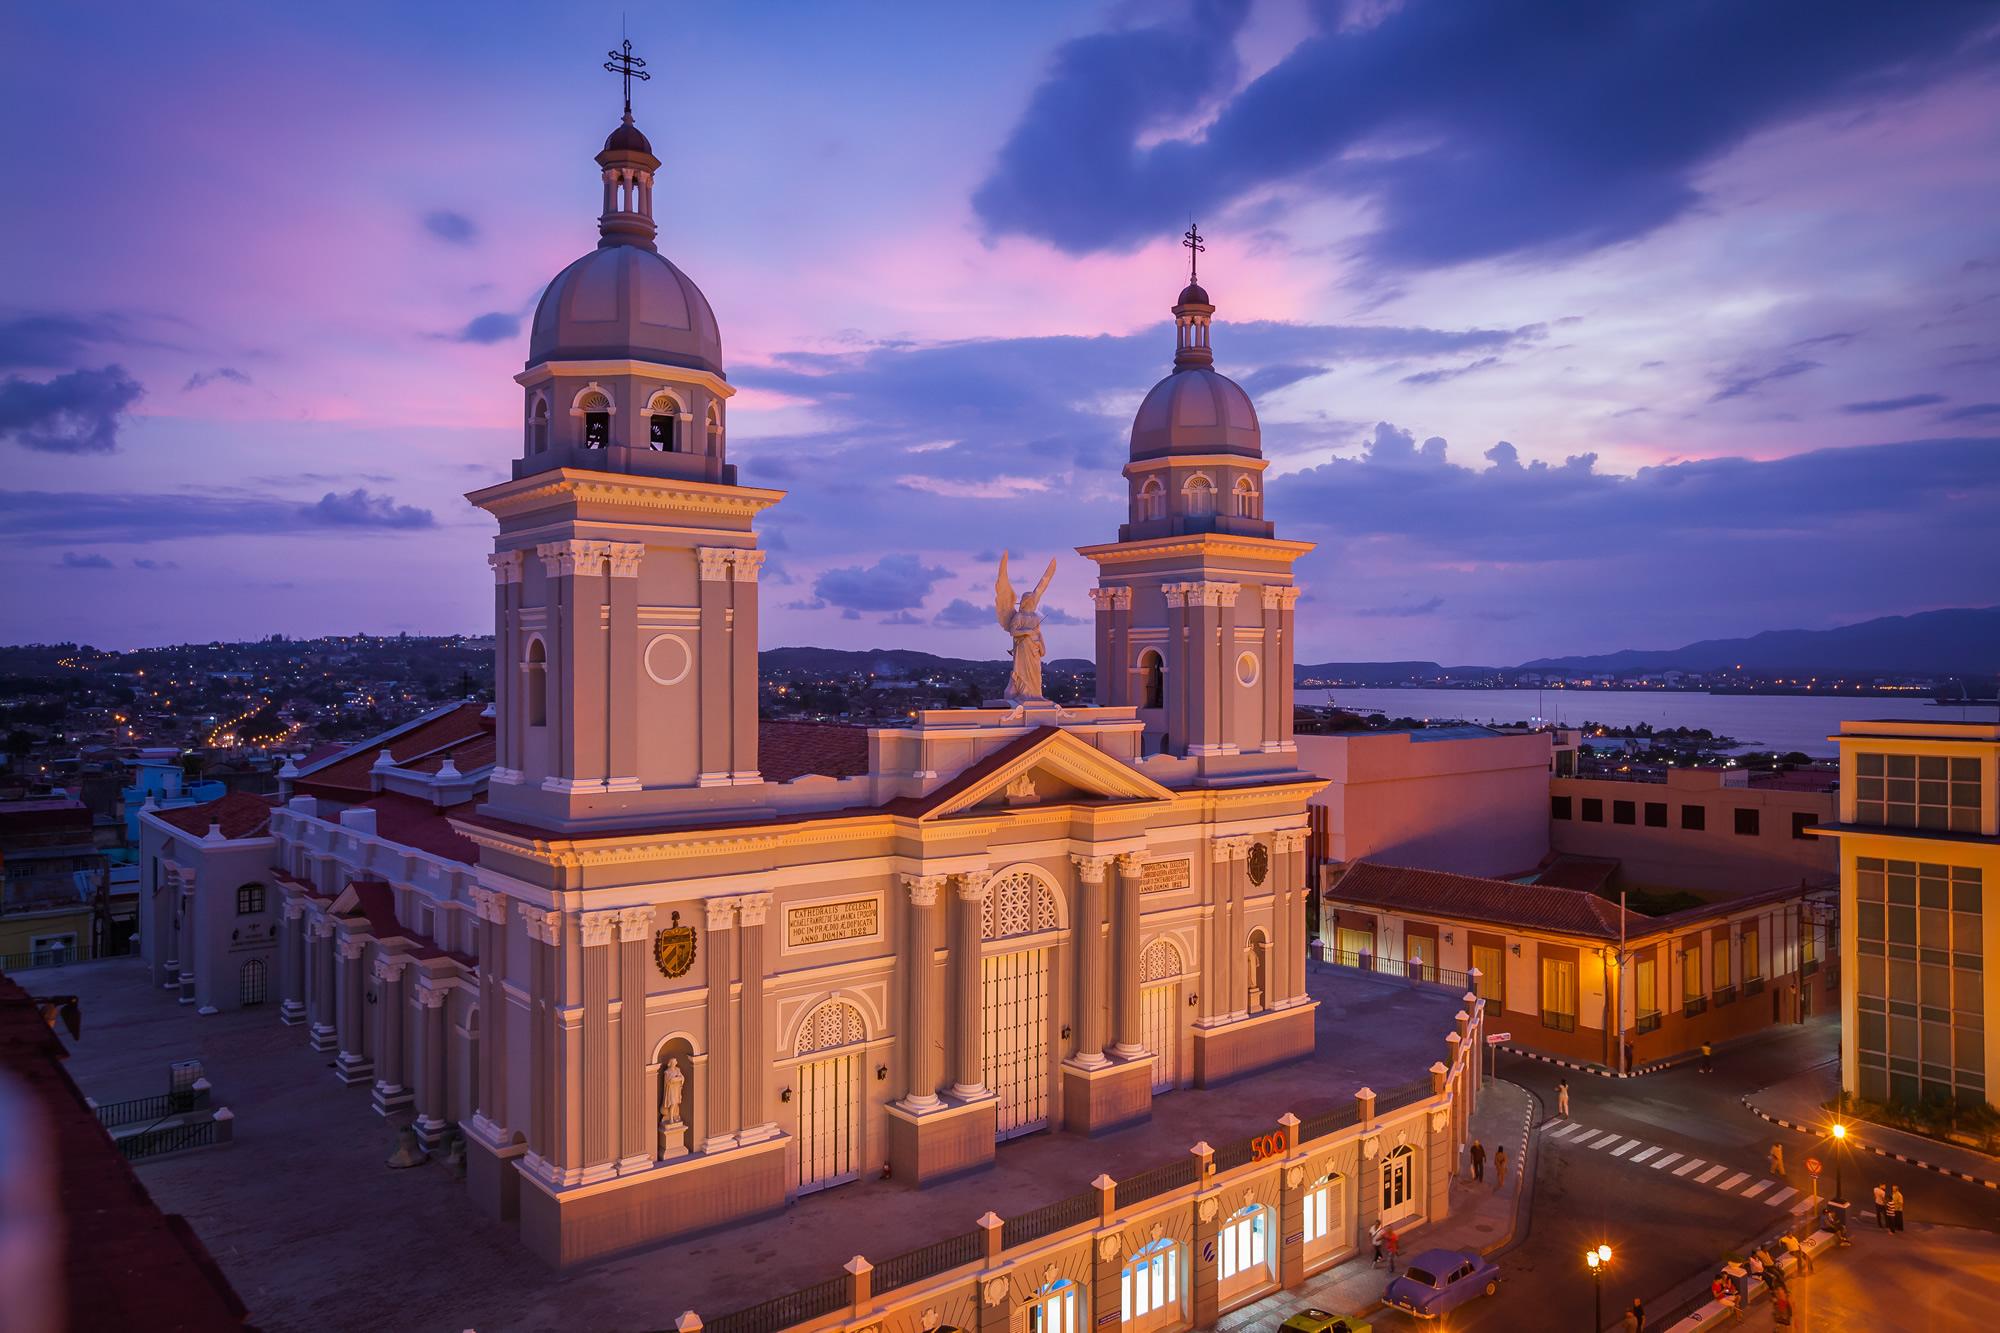 Nuestra senora de la asuncion cathedral santiago de cuba